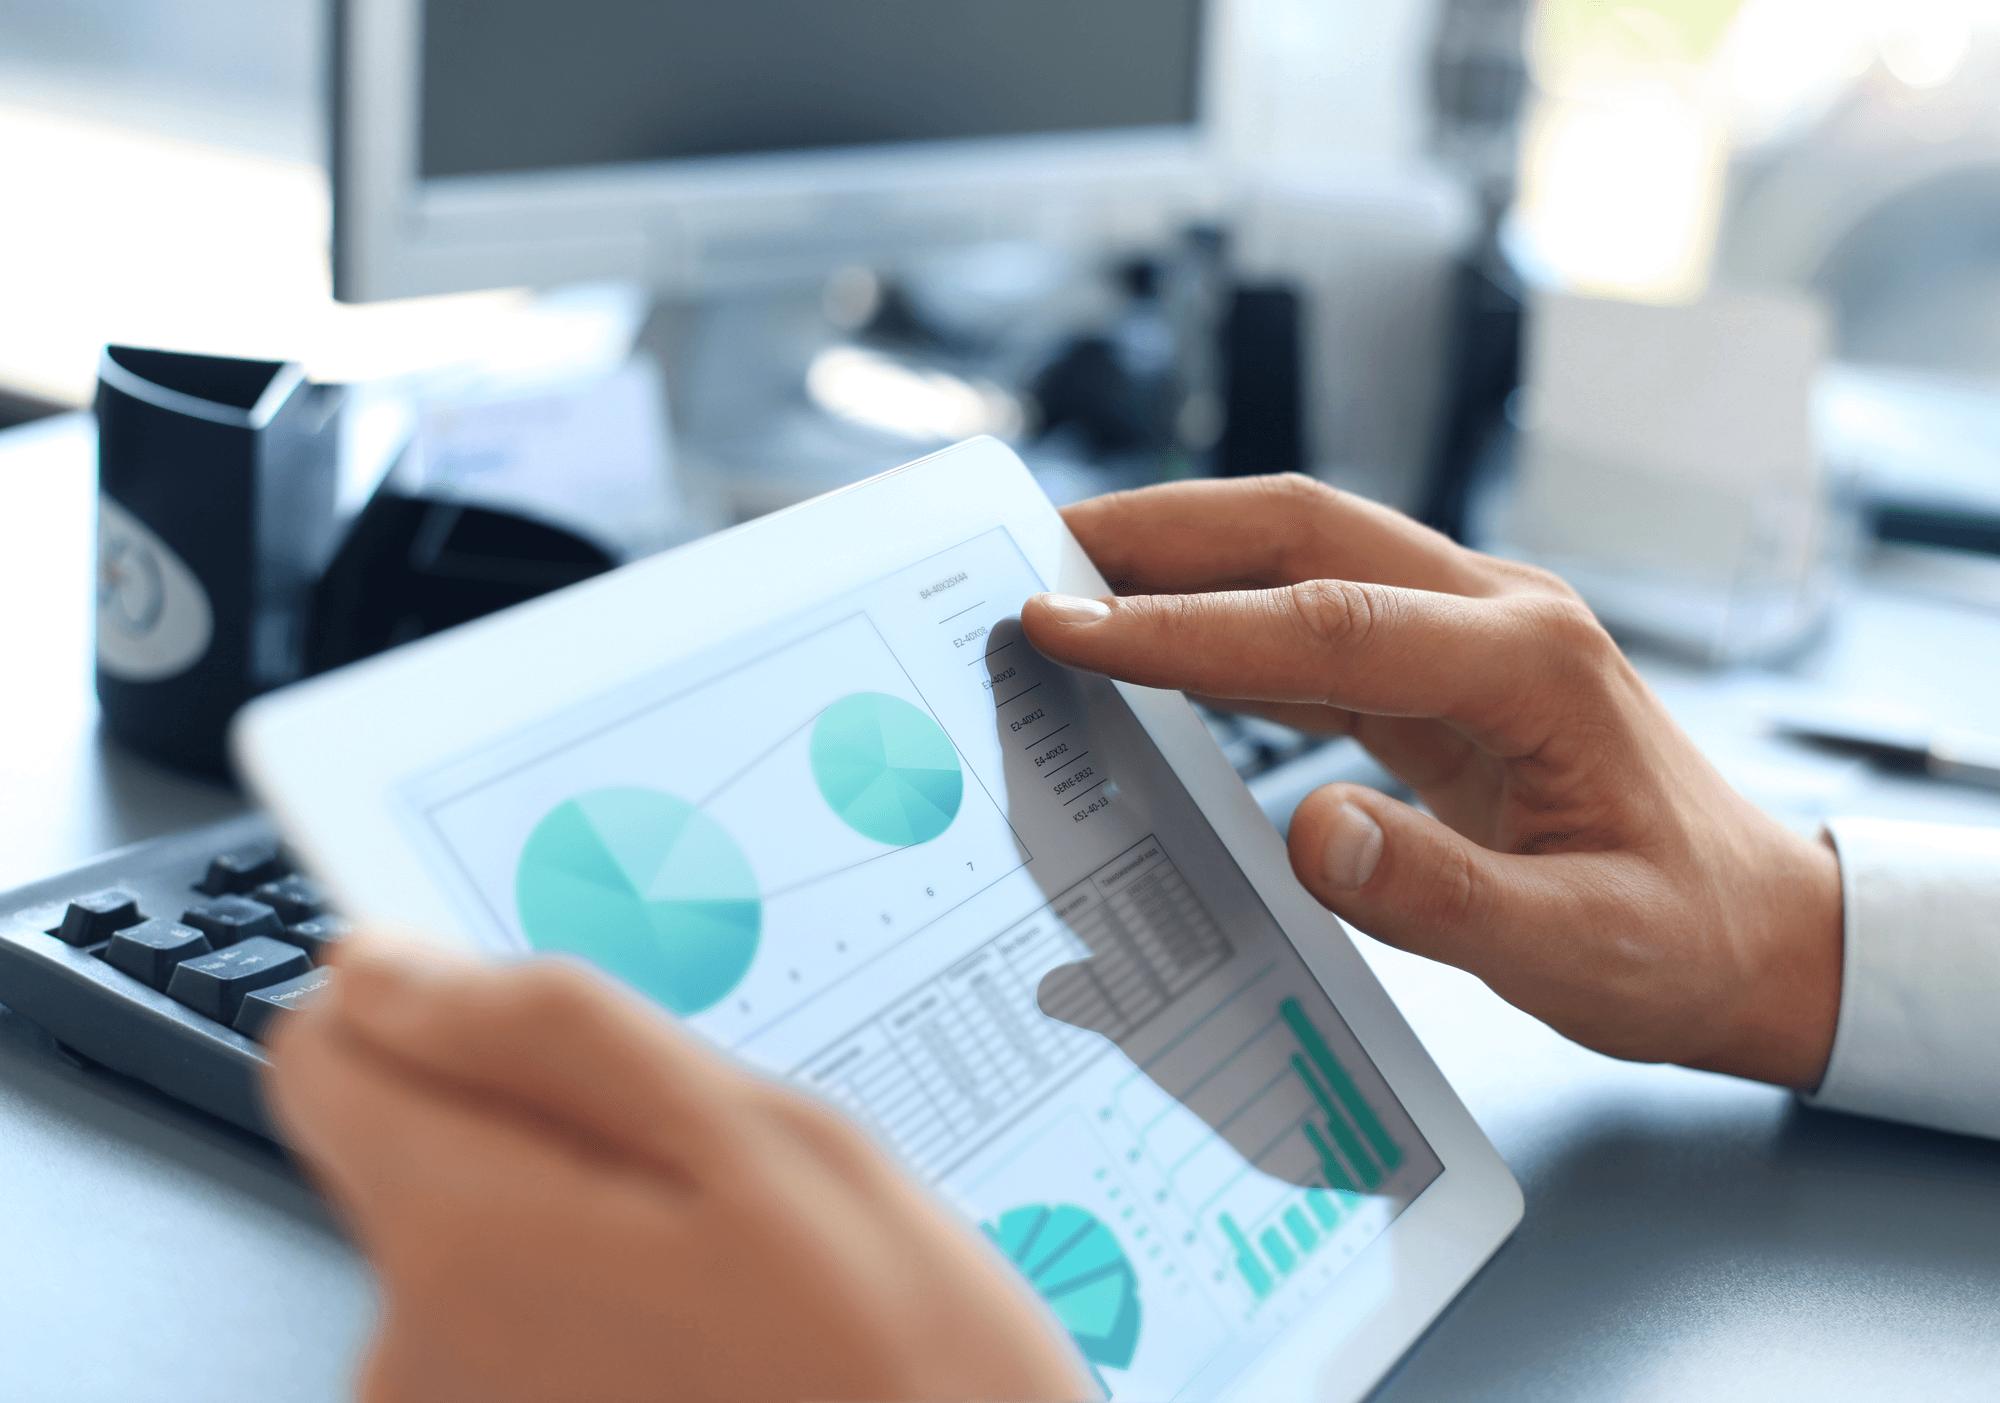 Pentaho BI | Pentaho Data Integration | Pentaho review & comparison